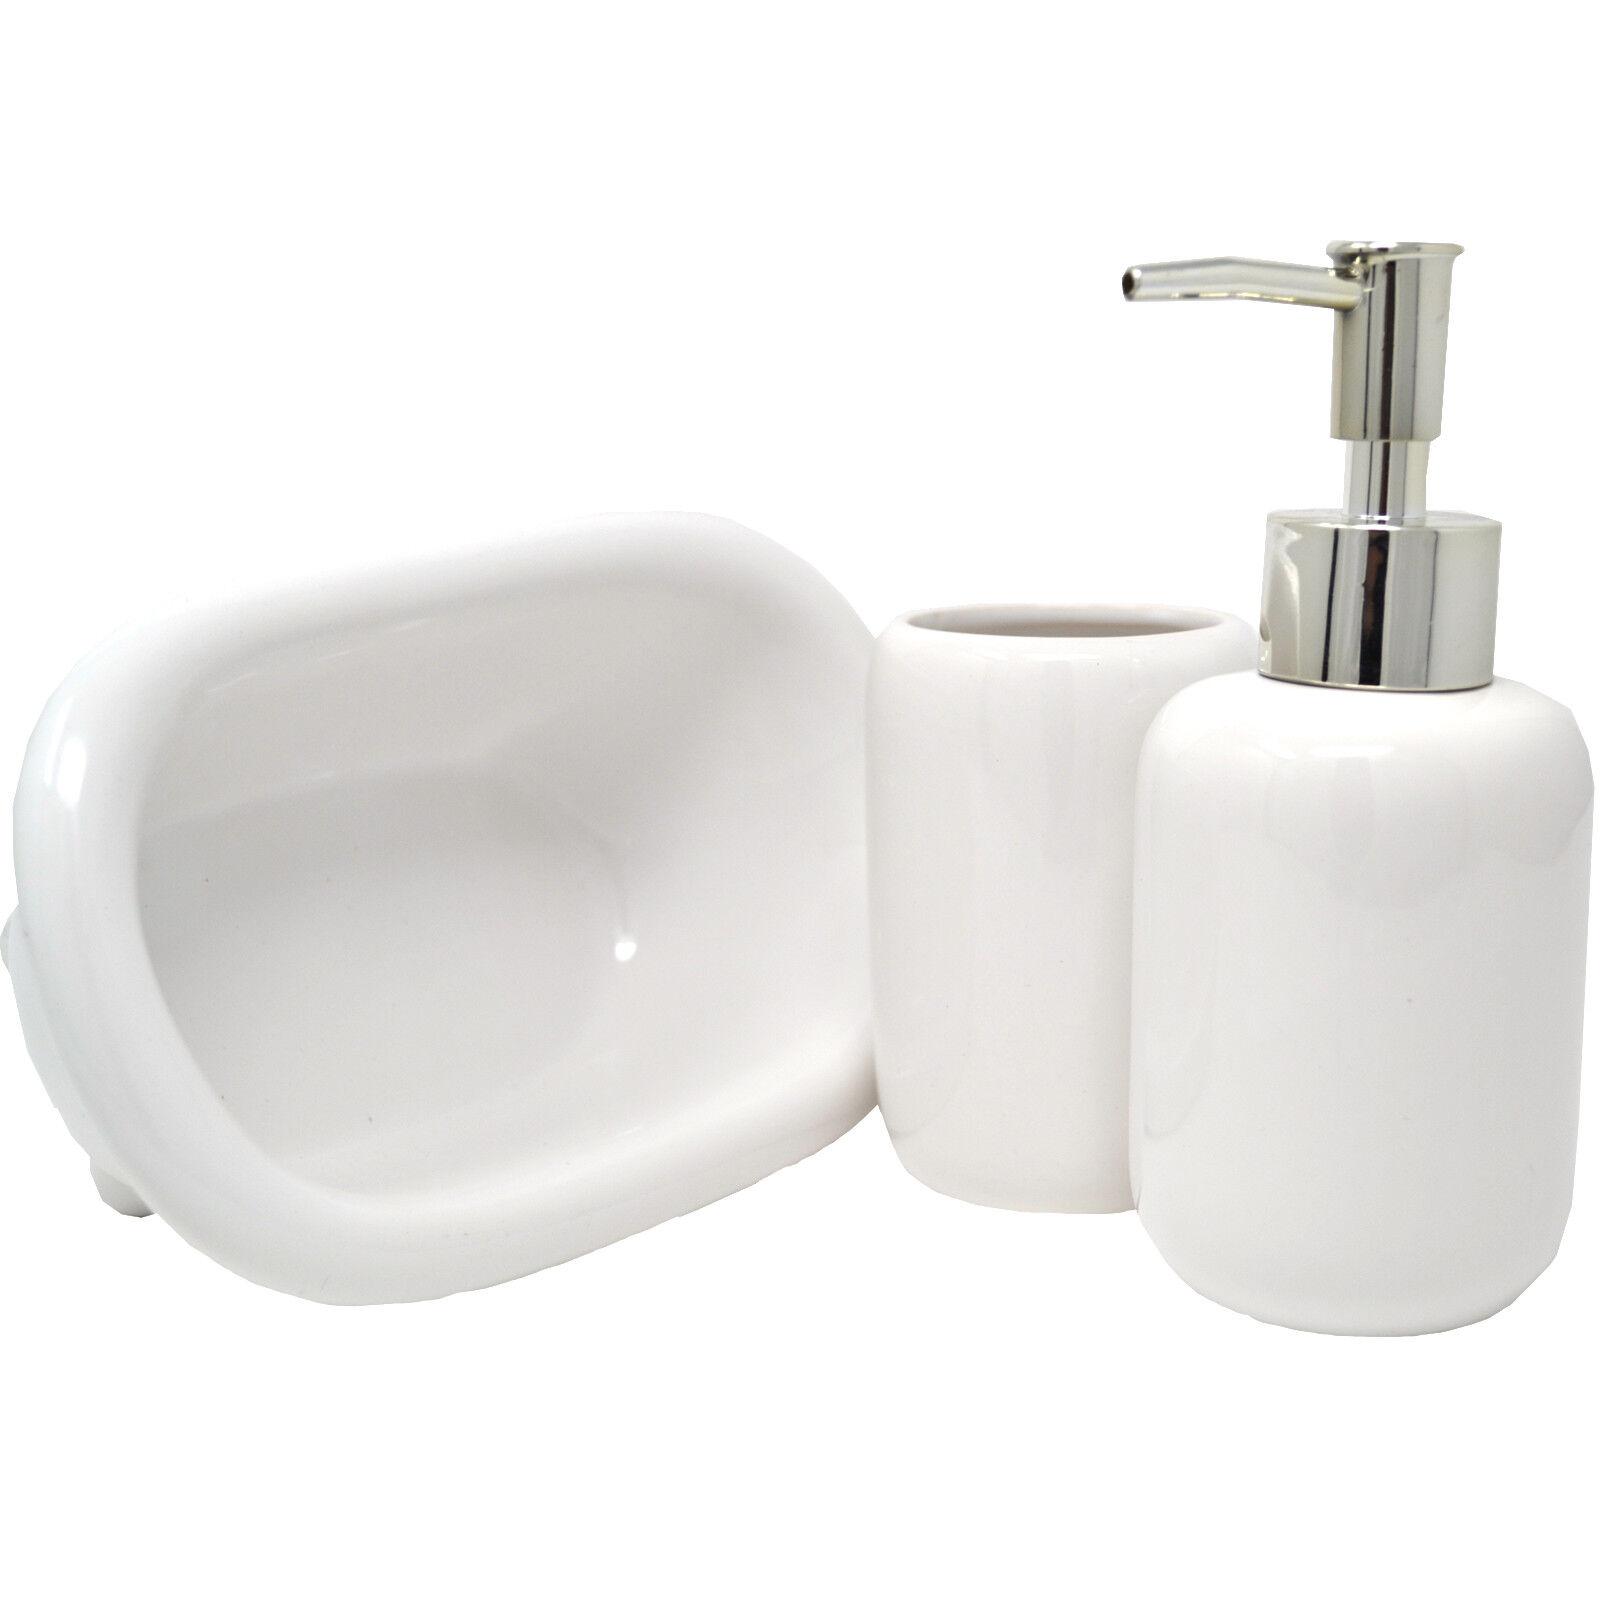 3PC BATHROOM ACCESSORY SET CERAMIC SOAP DISH DISPENSER & TUMBLER ...